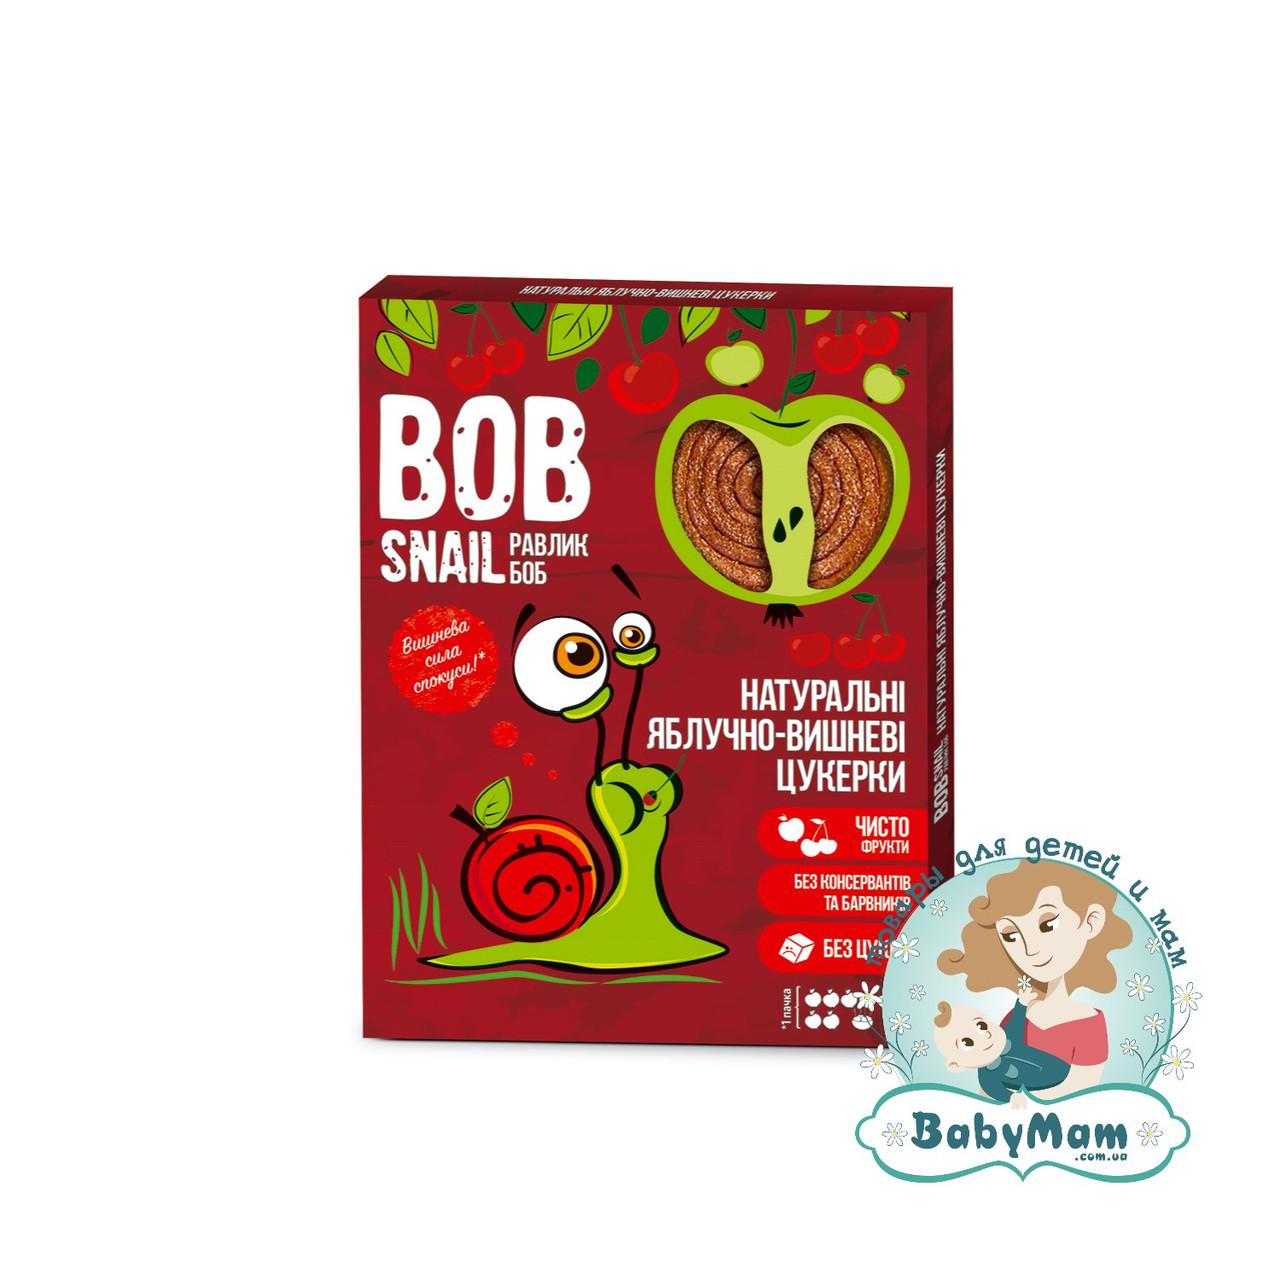 Конфеты натуральные Bob Snail (Равлик Боб) Яблочно-Вишневые, 120гр